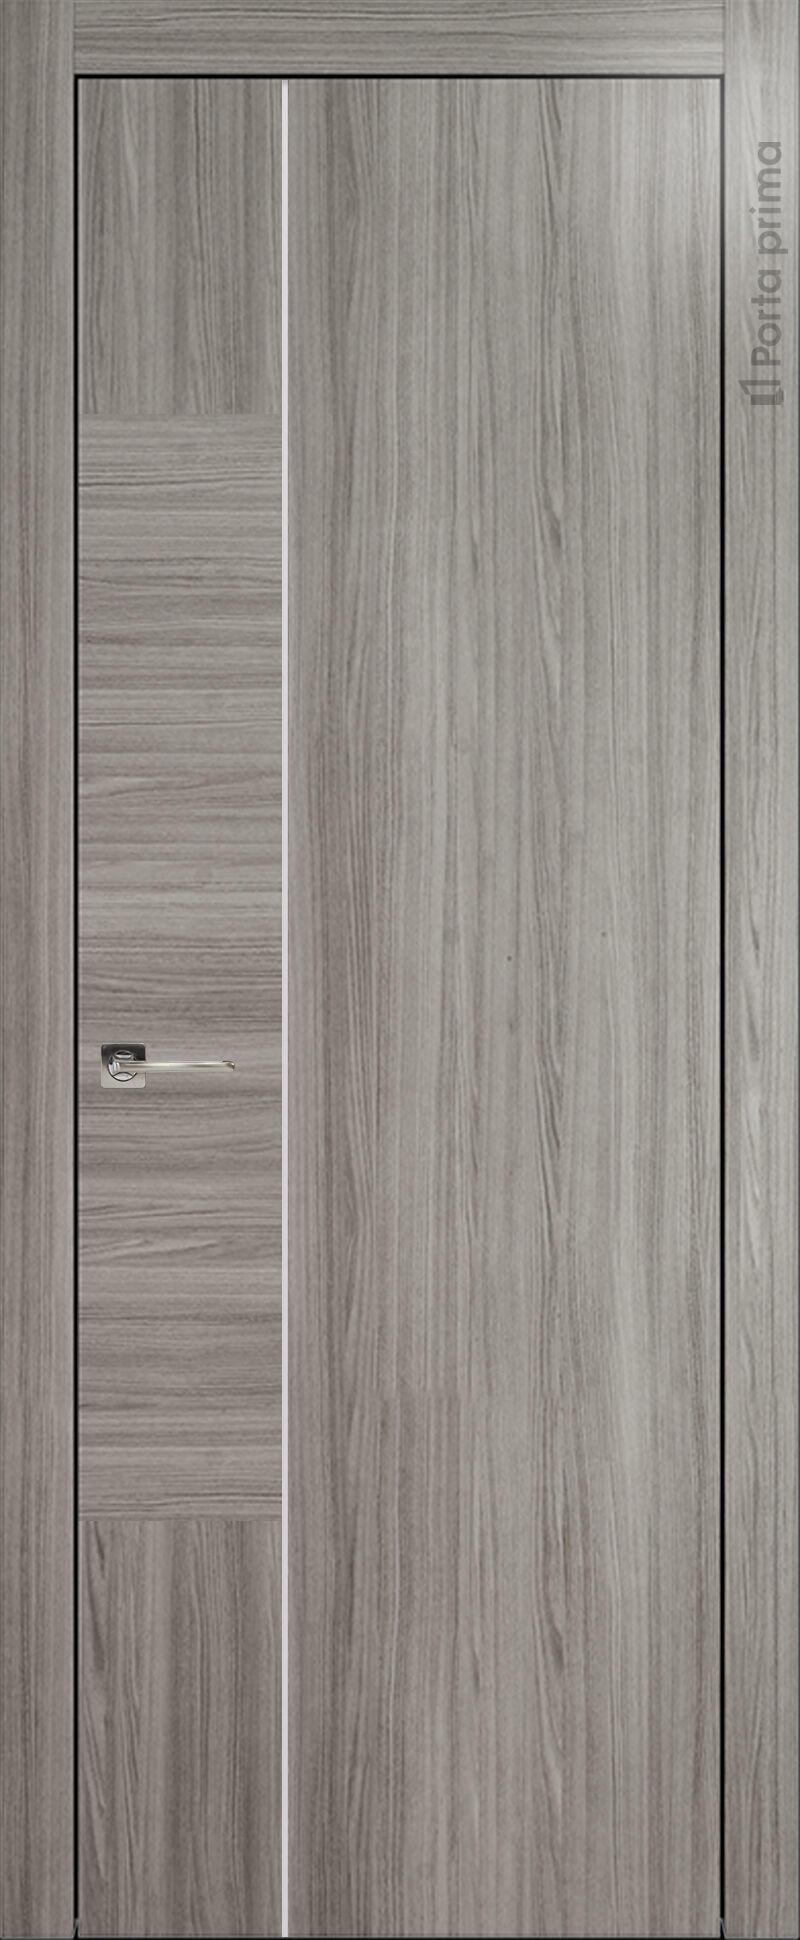 Tivoli В-1 цвет - Орех пепельный Без стекла (ДГ)